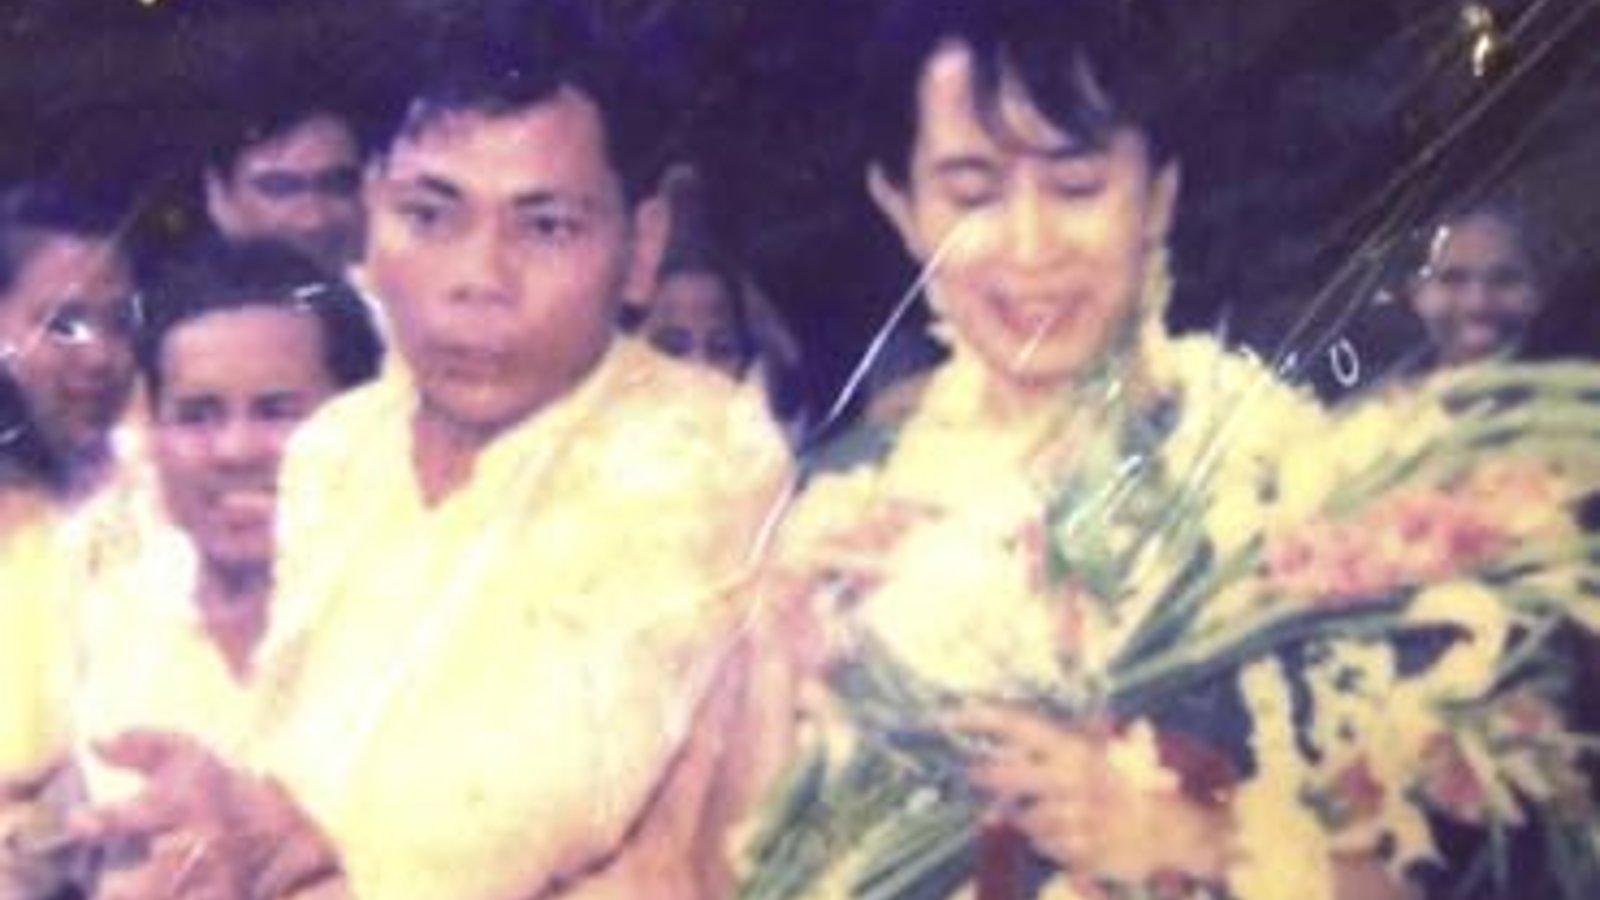 A Political Life - Aung San Suu Kyi's Former Bodyguard